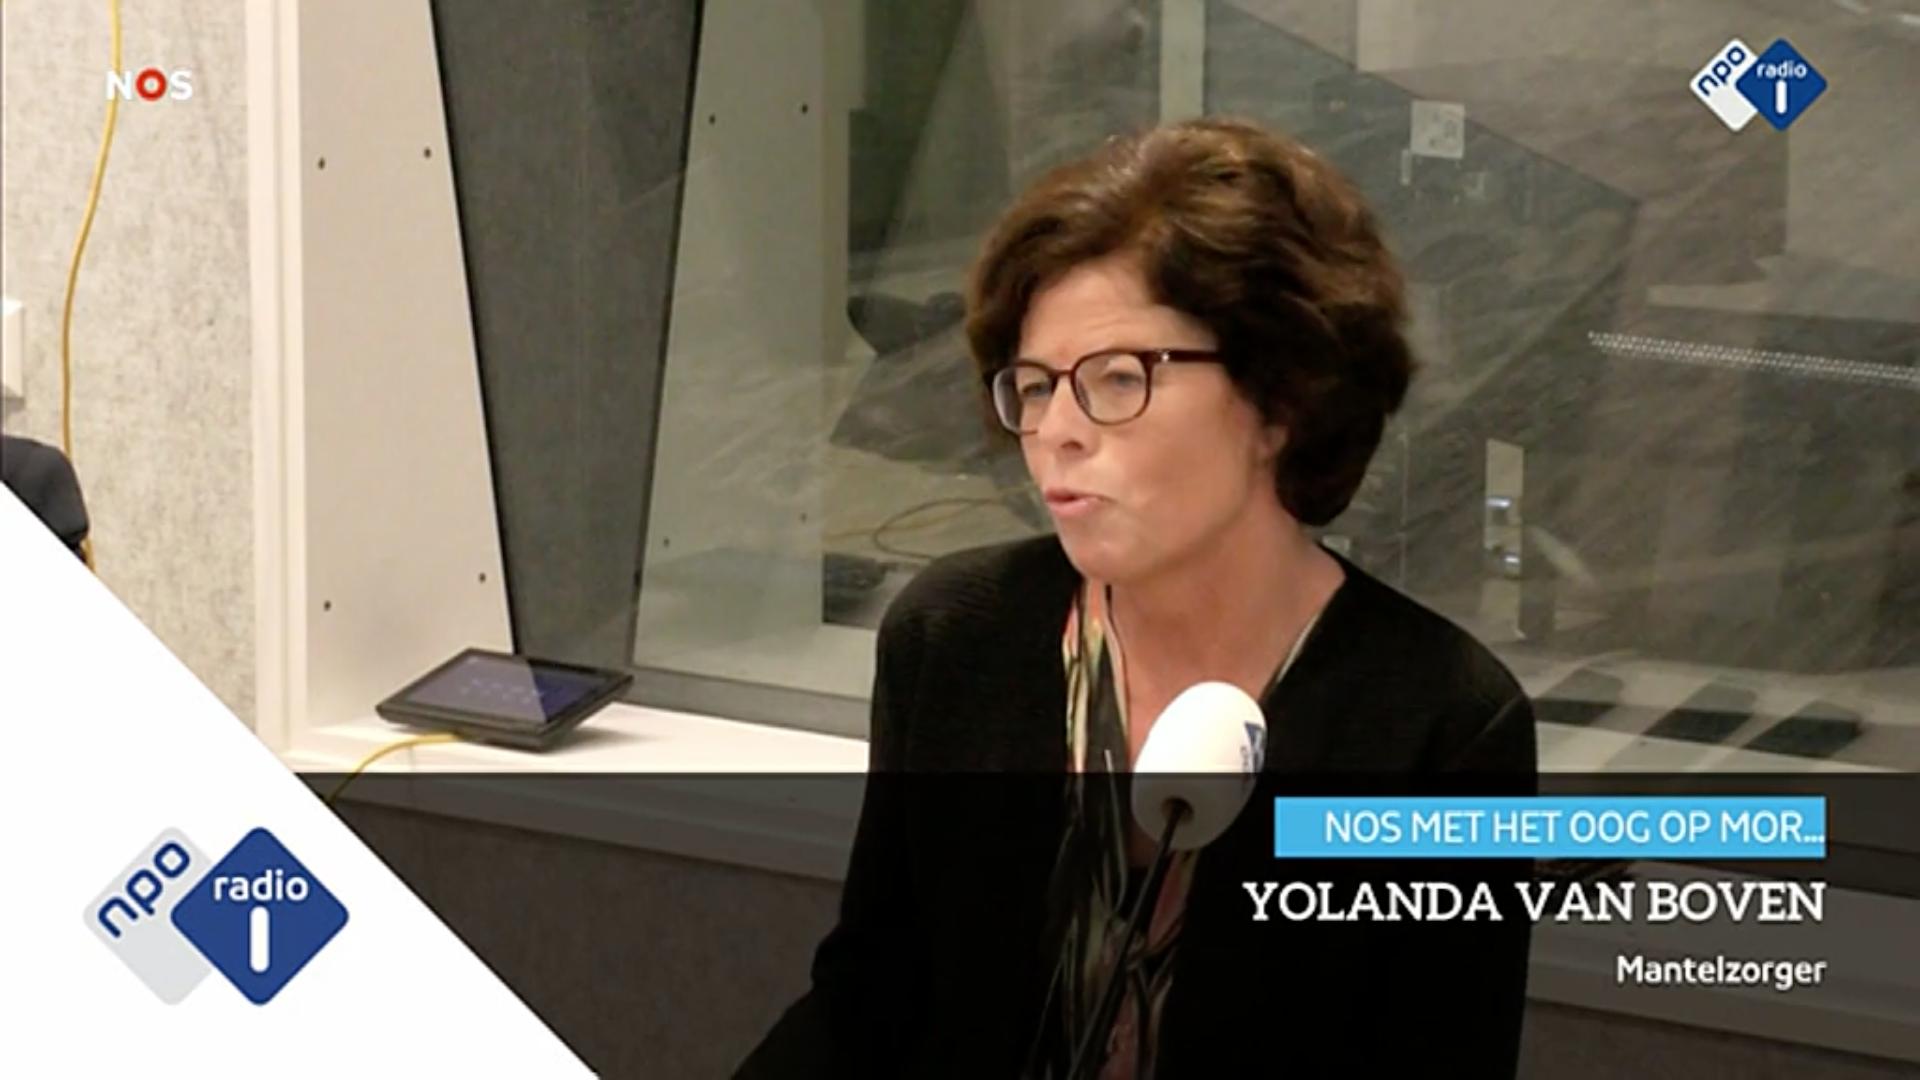 Radio Interview NOS Met Het Oog Op Morgen Met Moeder Yolanda